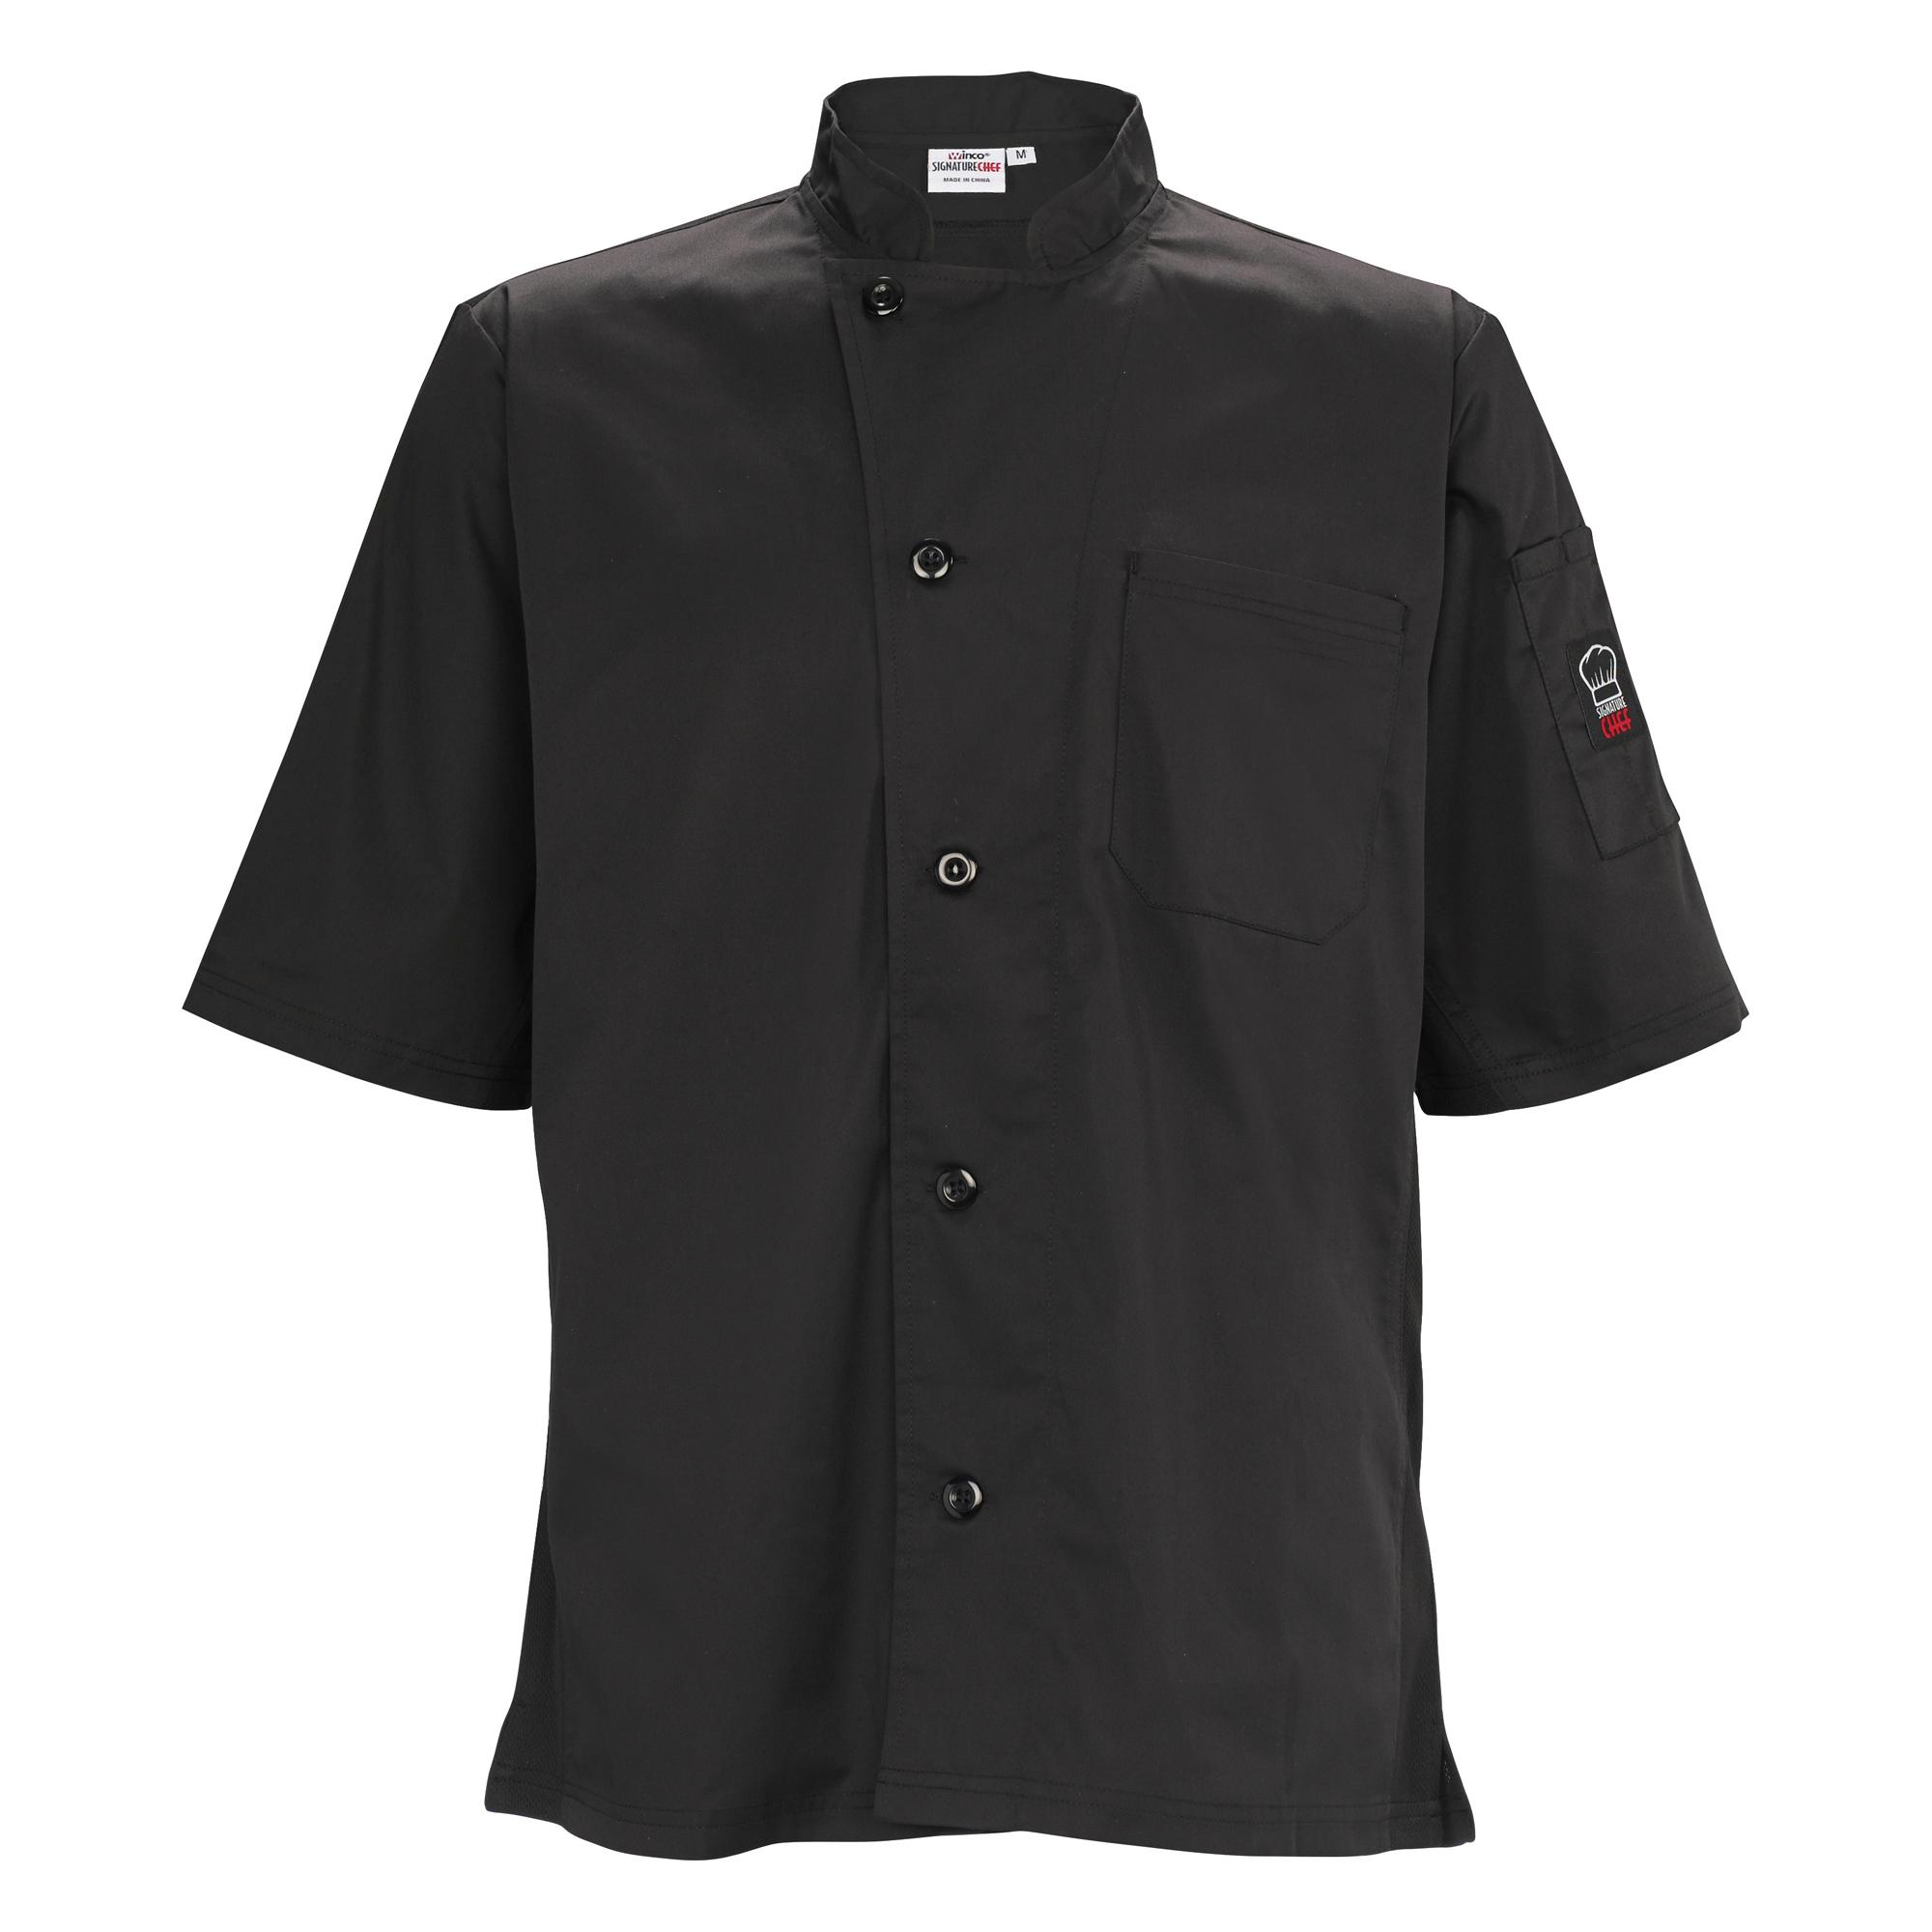 Winco UNF-9KXXL cook's shirt